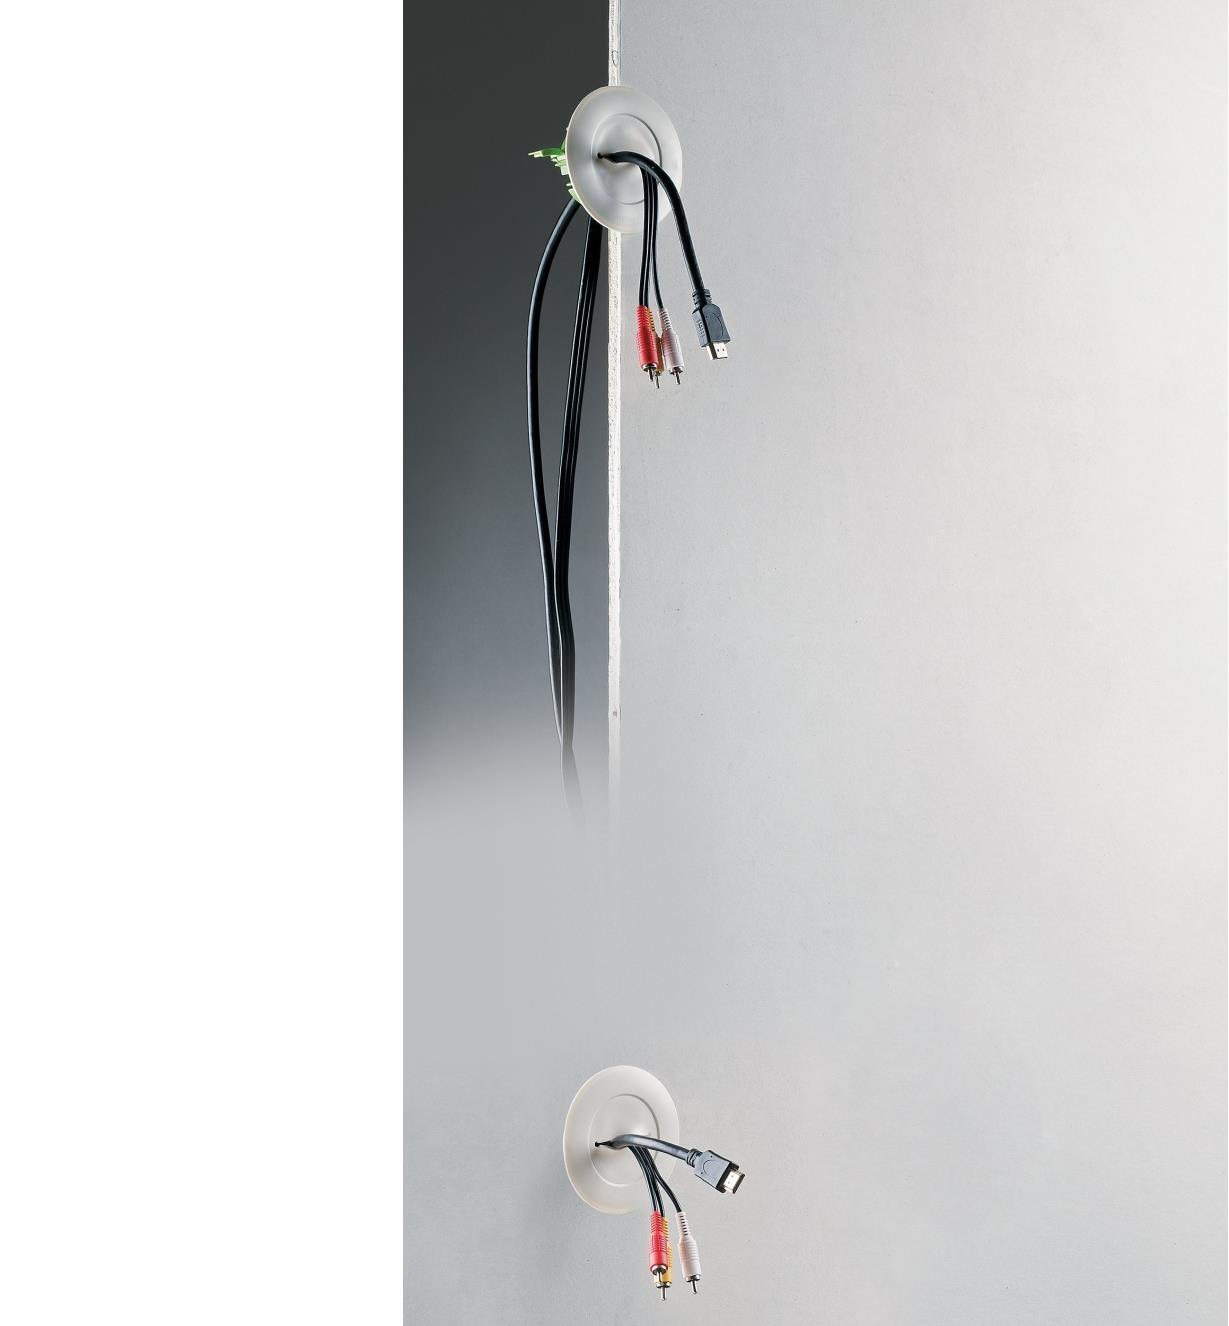 00U1040 - Trousse pour passe-câbles